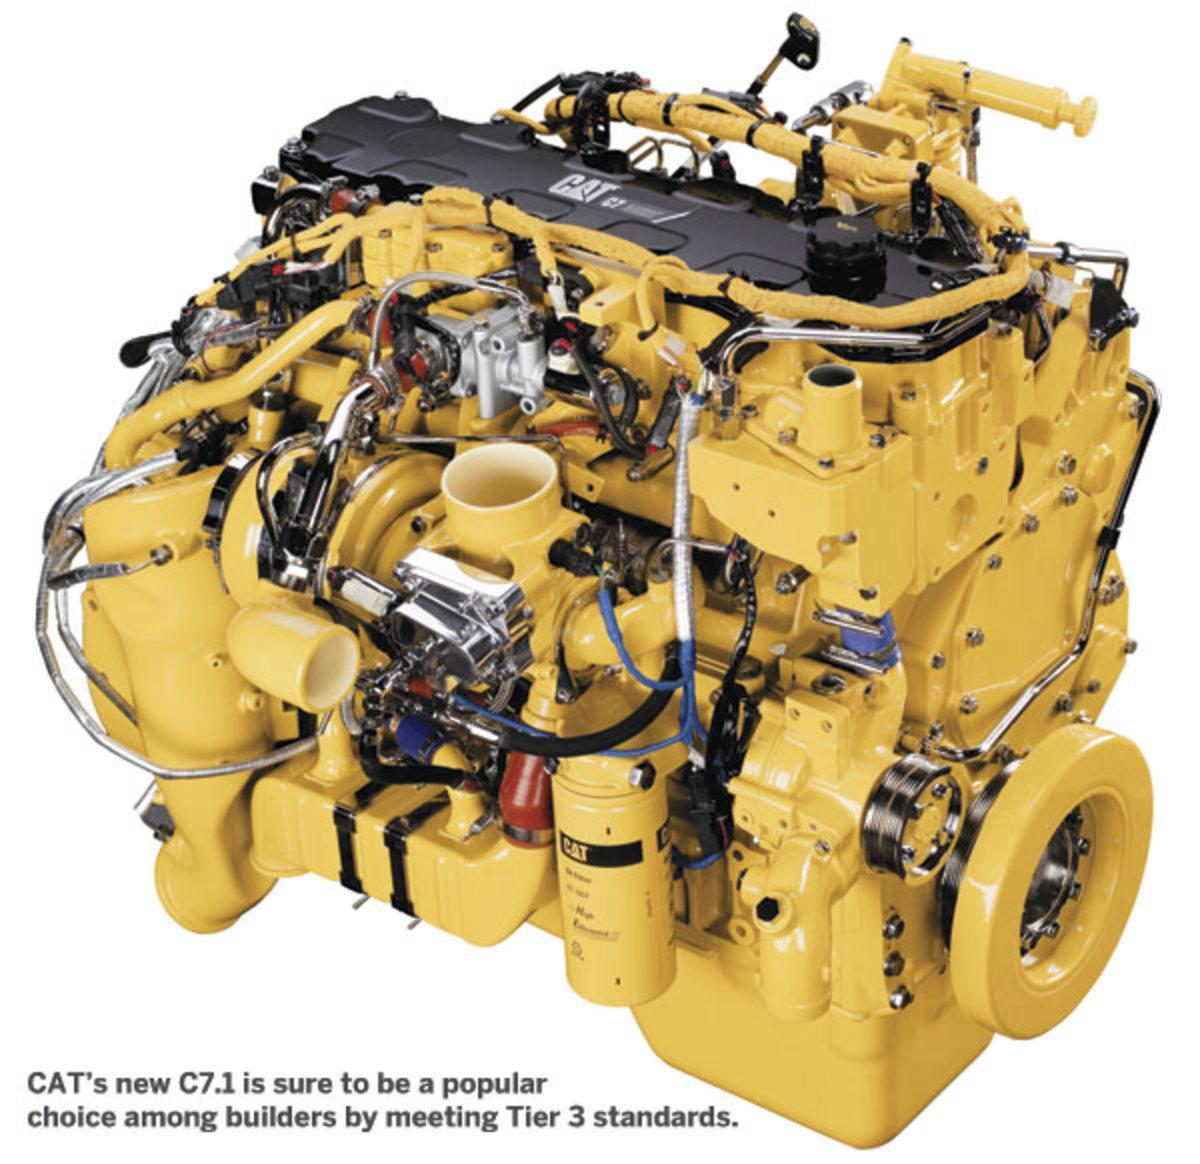 CAT's new C7.1